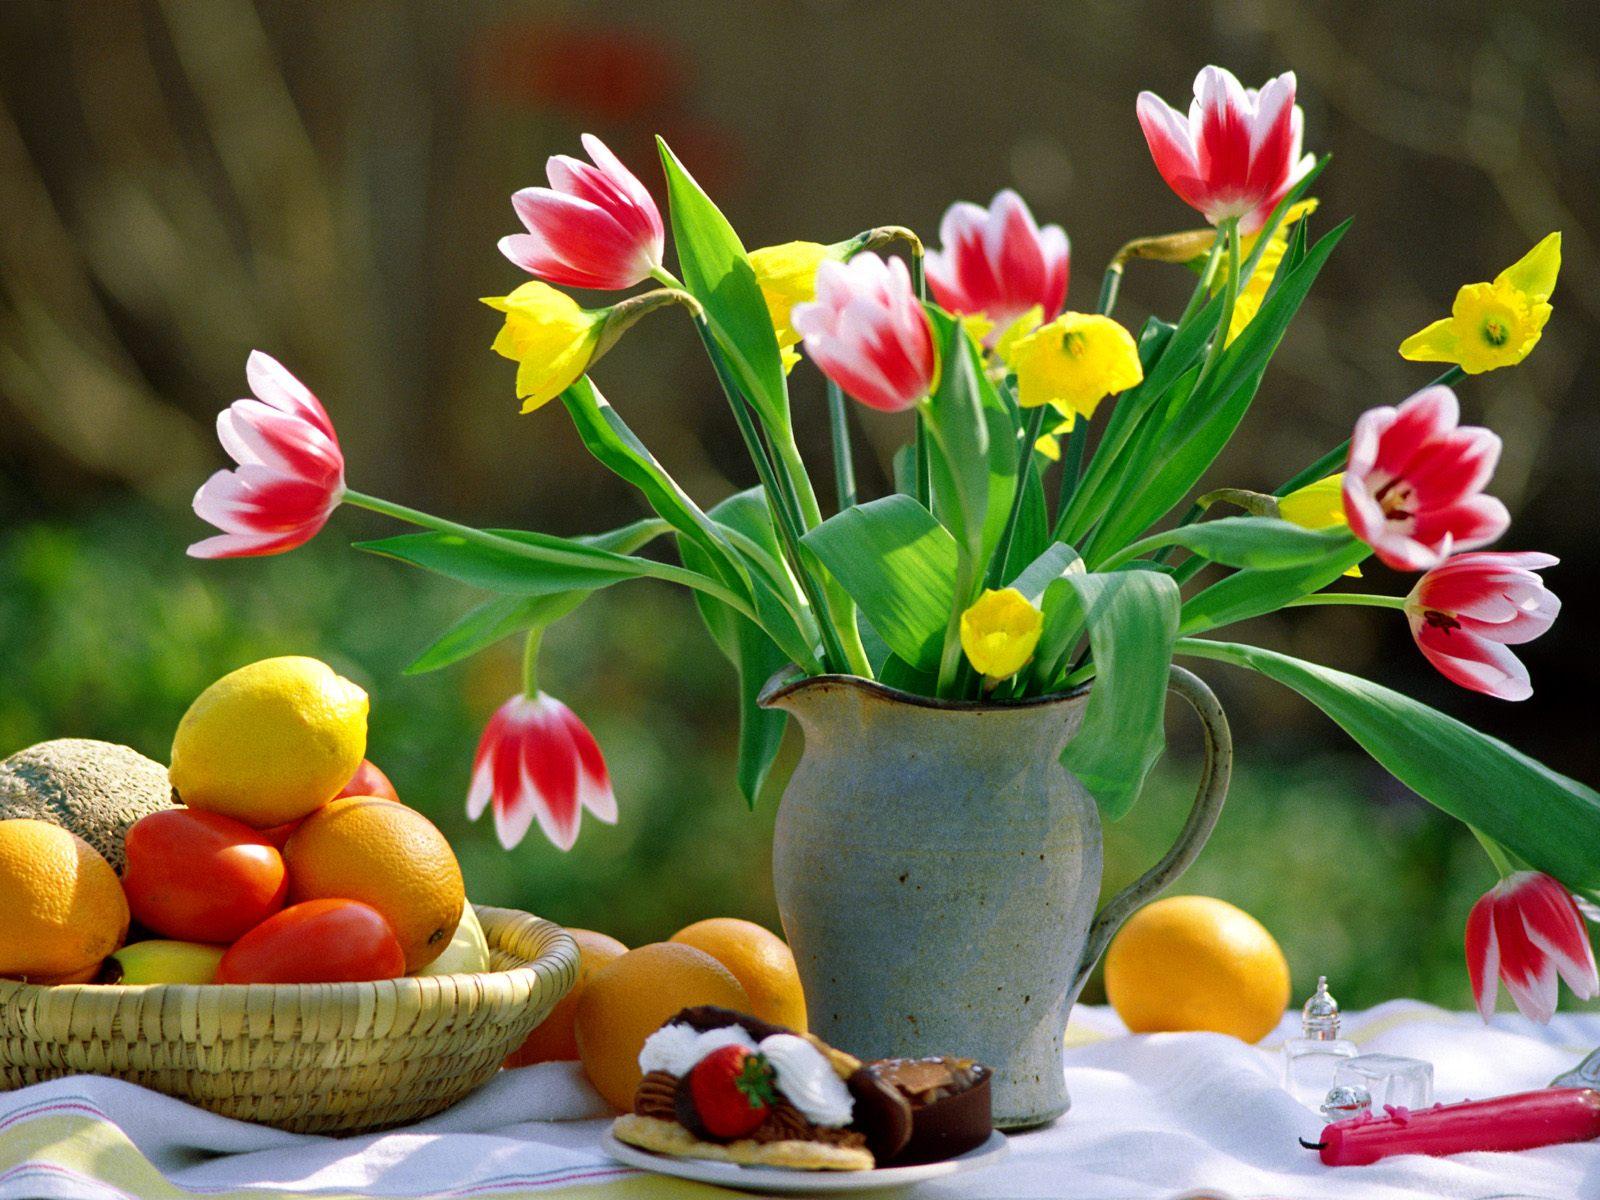 Eventi per famiglie Firenze 28 e 29 marzo 2015